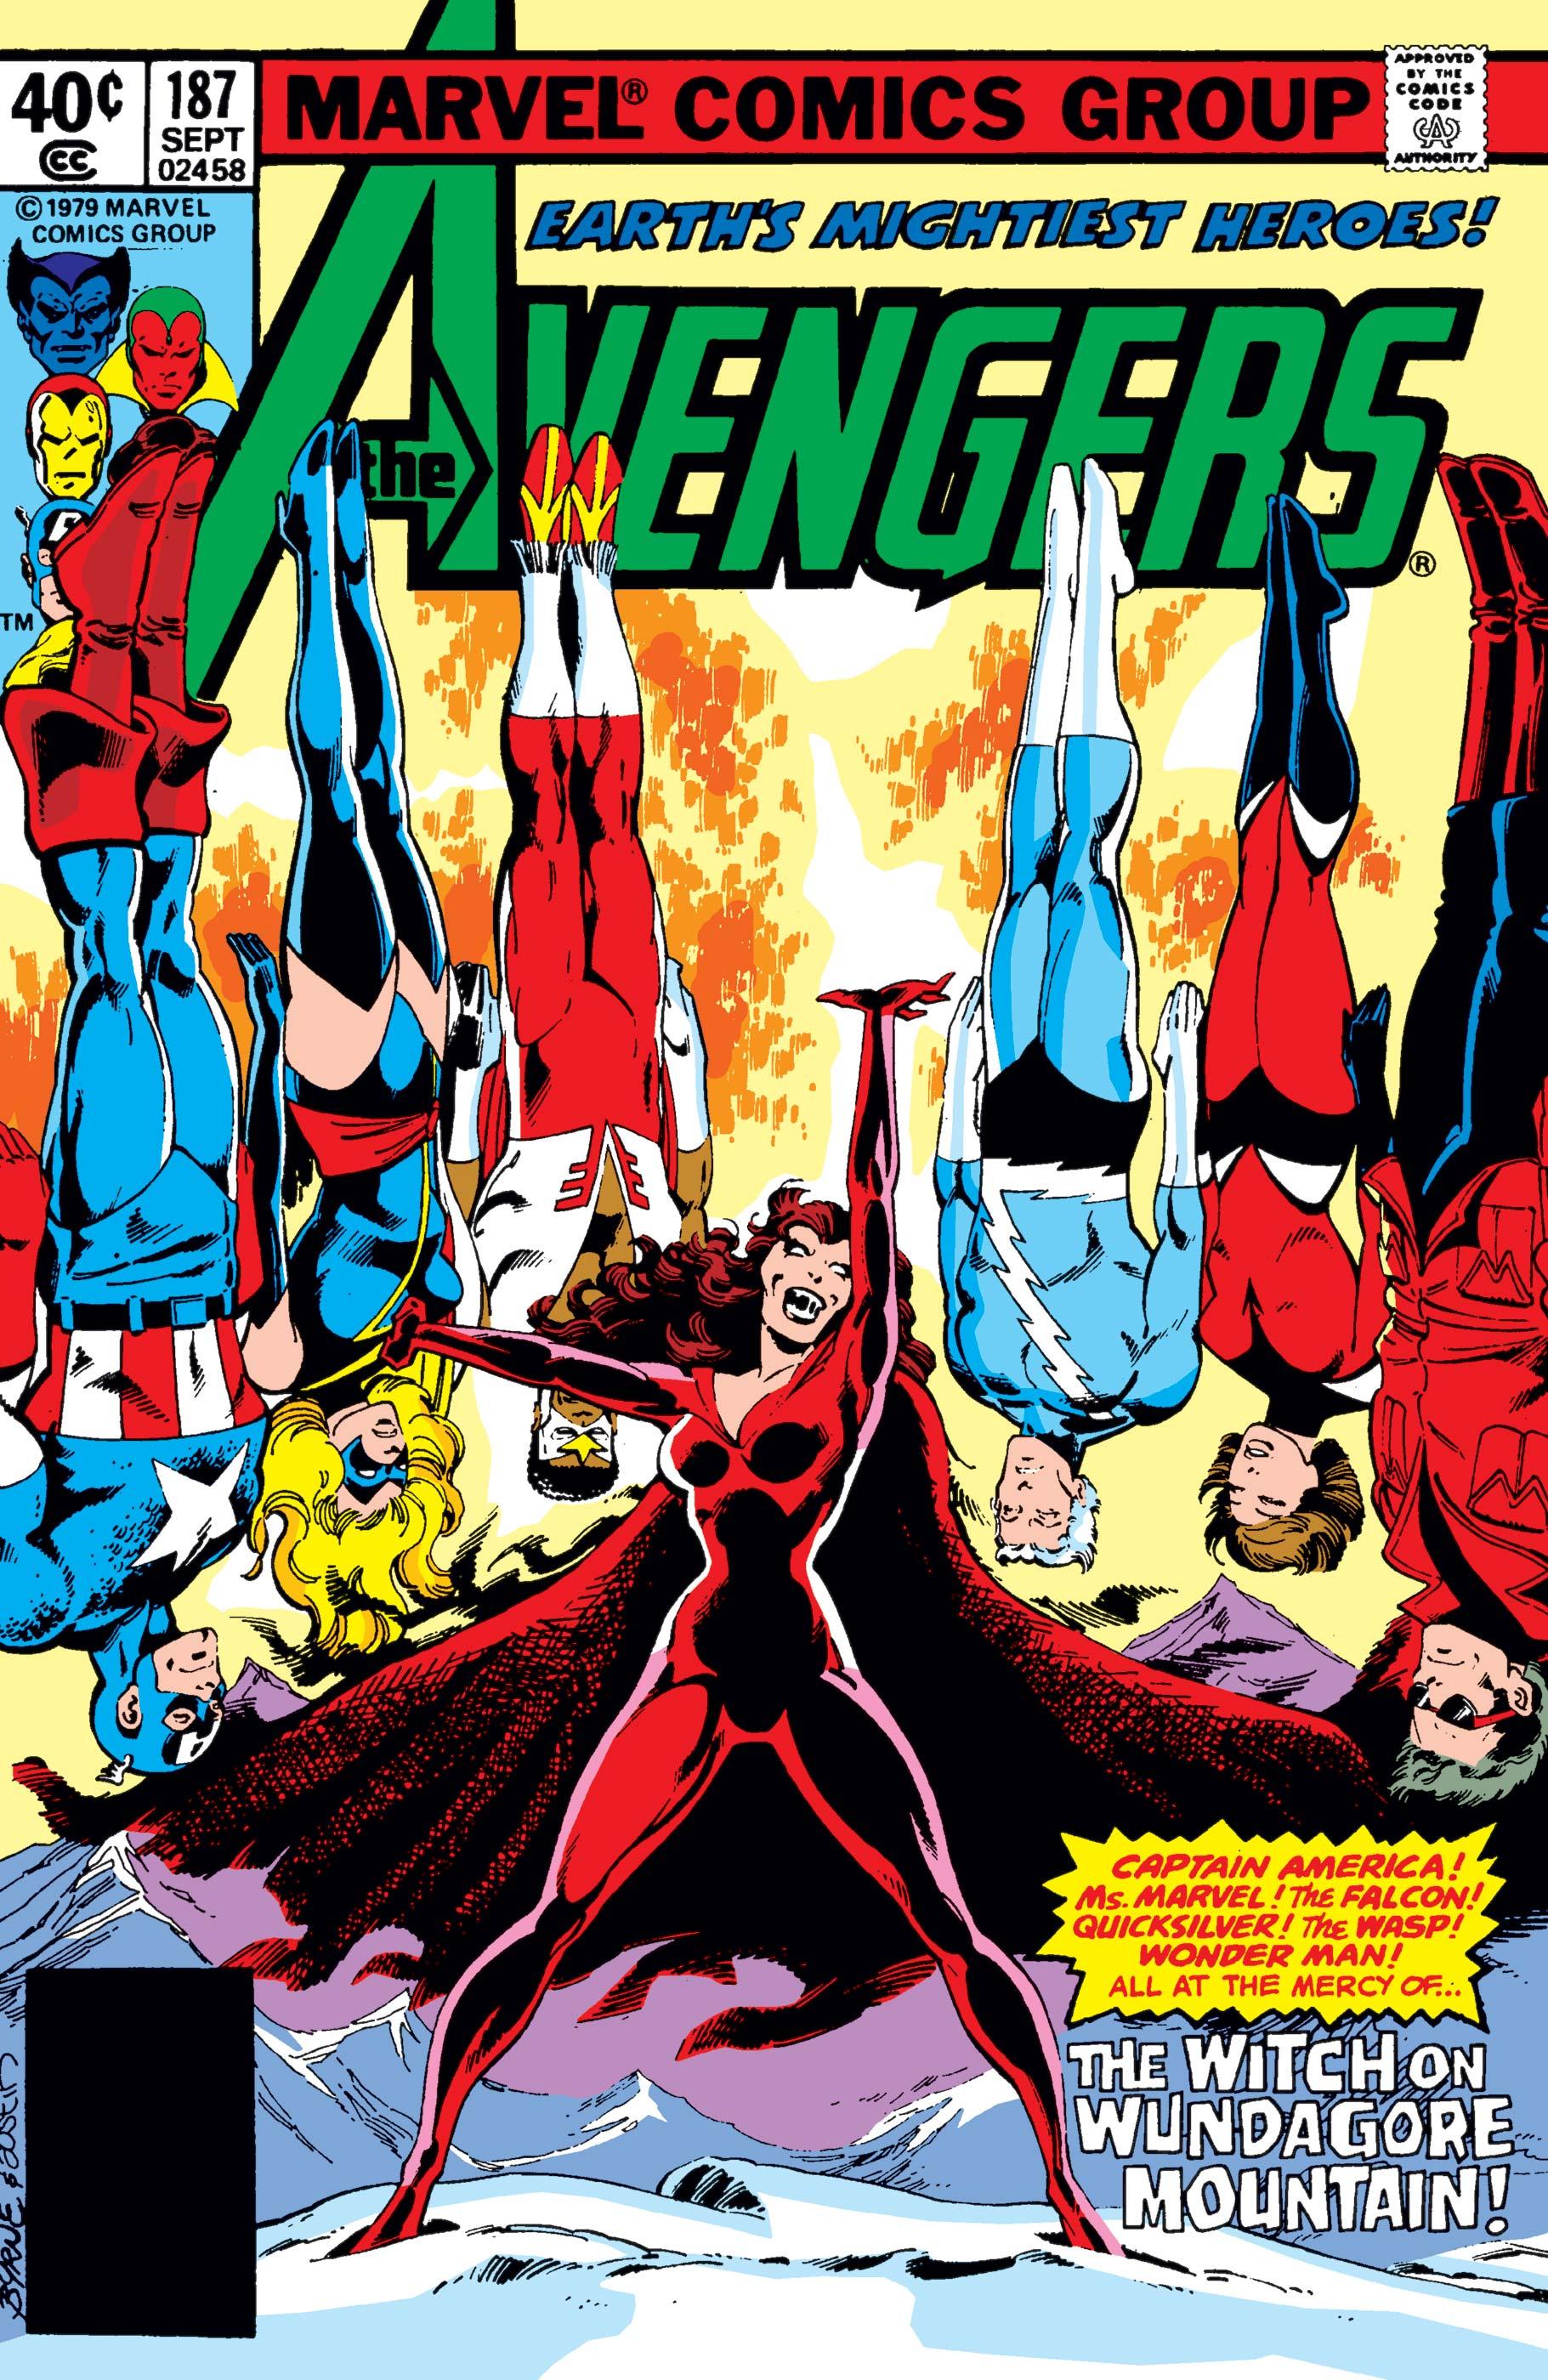 Avengers (1963) #187